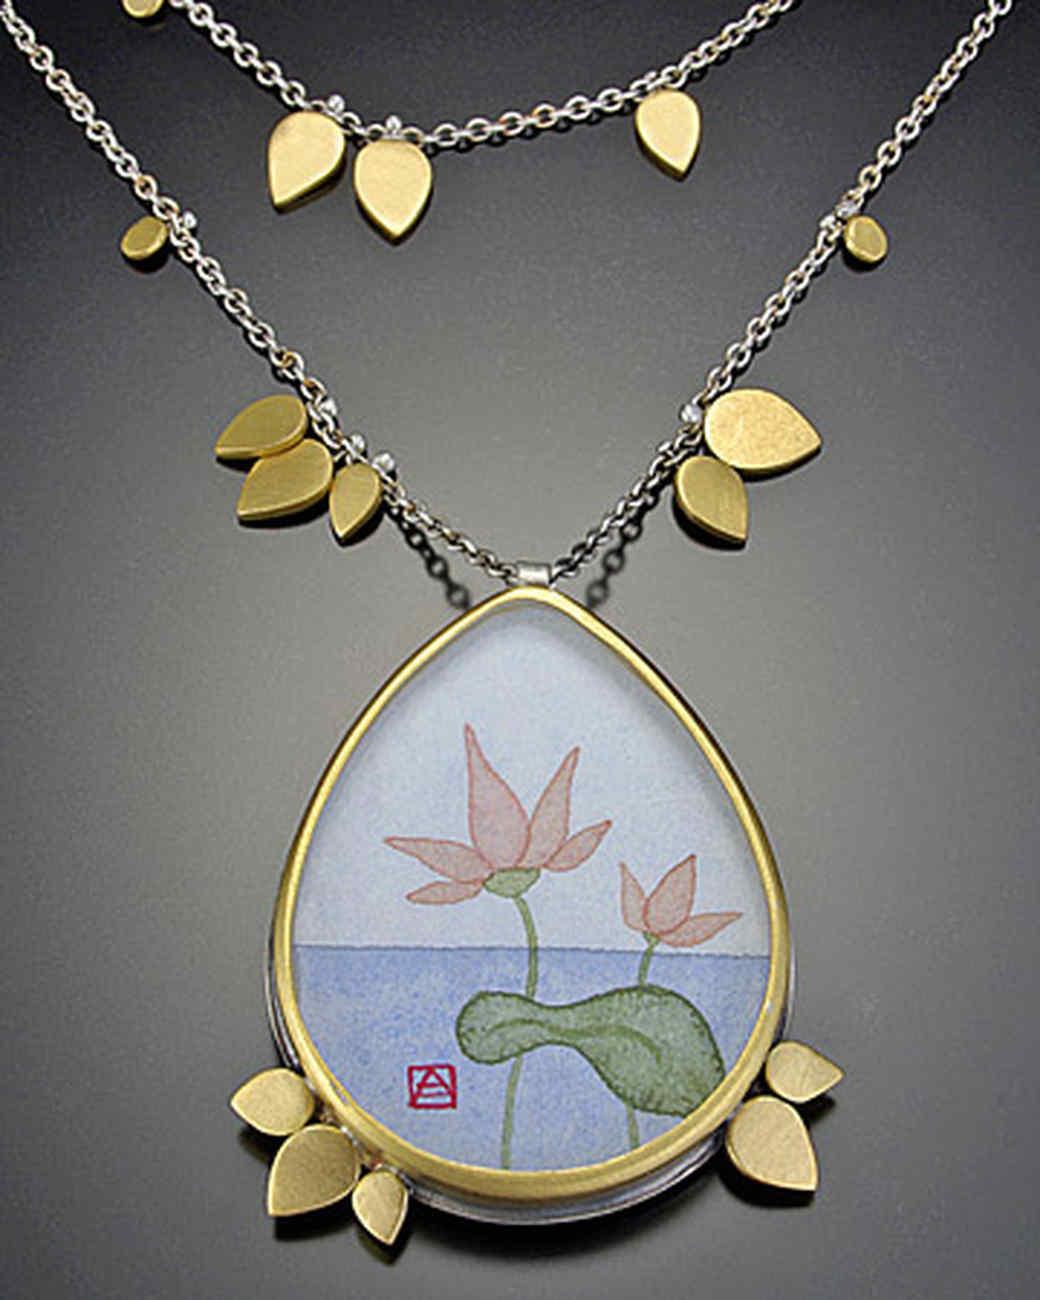 doer_0813_lotus_petal_neckl.jpg